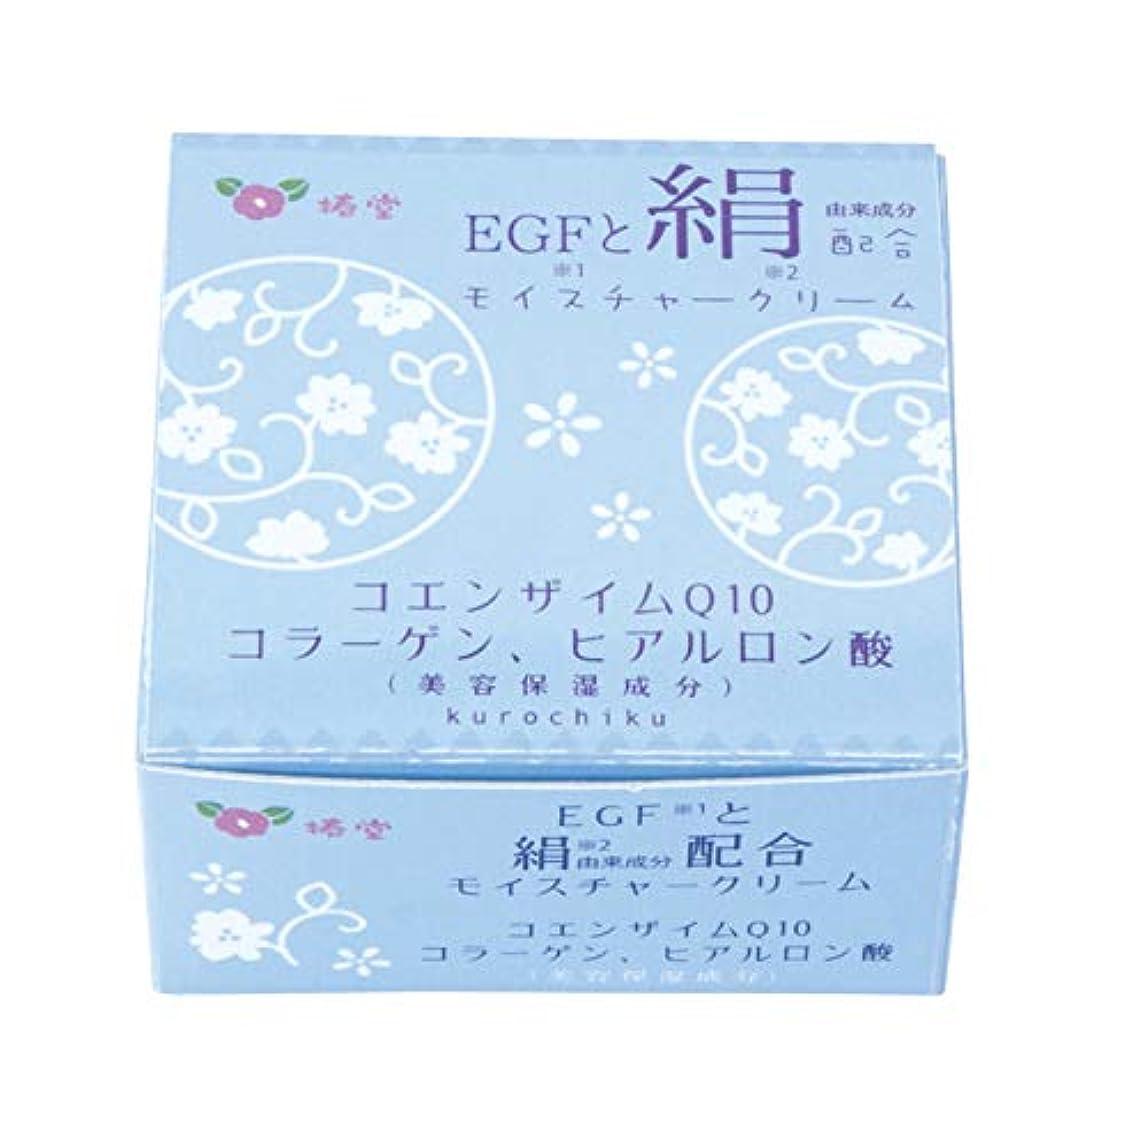 落胆したトレーダーバンカー椿堂 絹モイスチャークリーム (FGFと絹) 京都くろちく